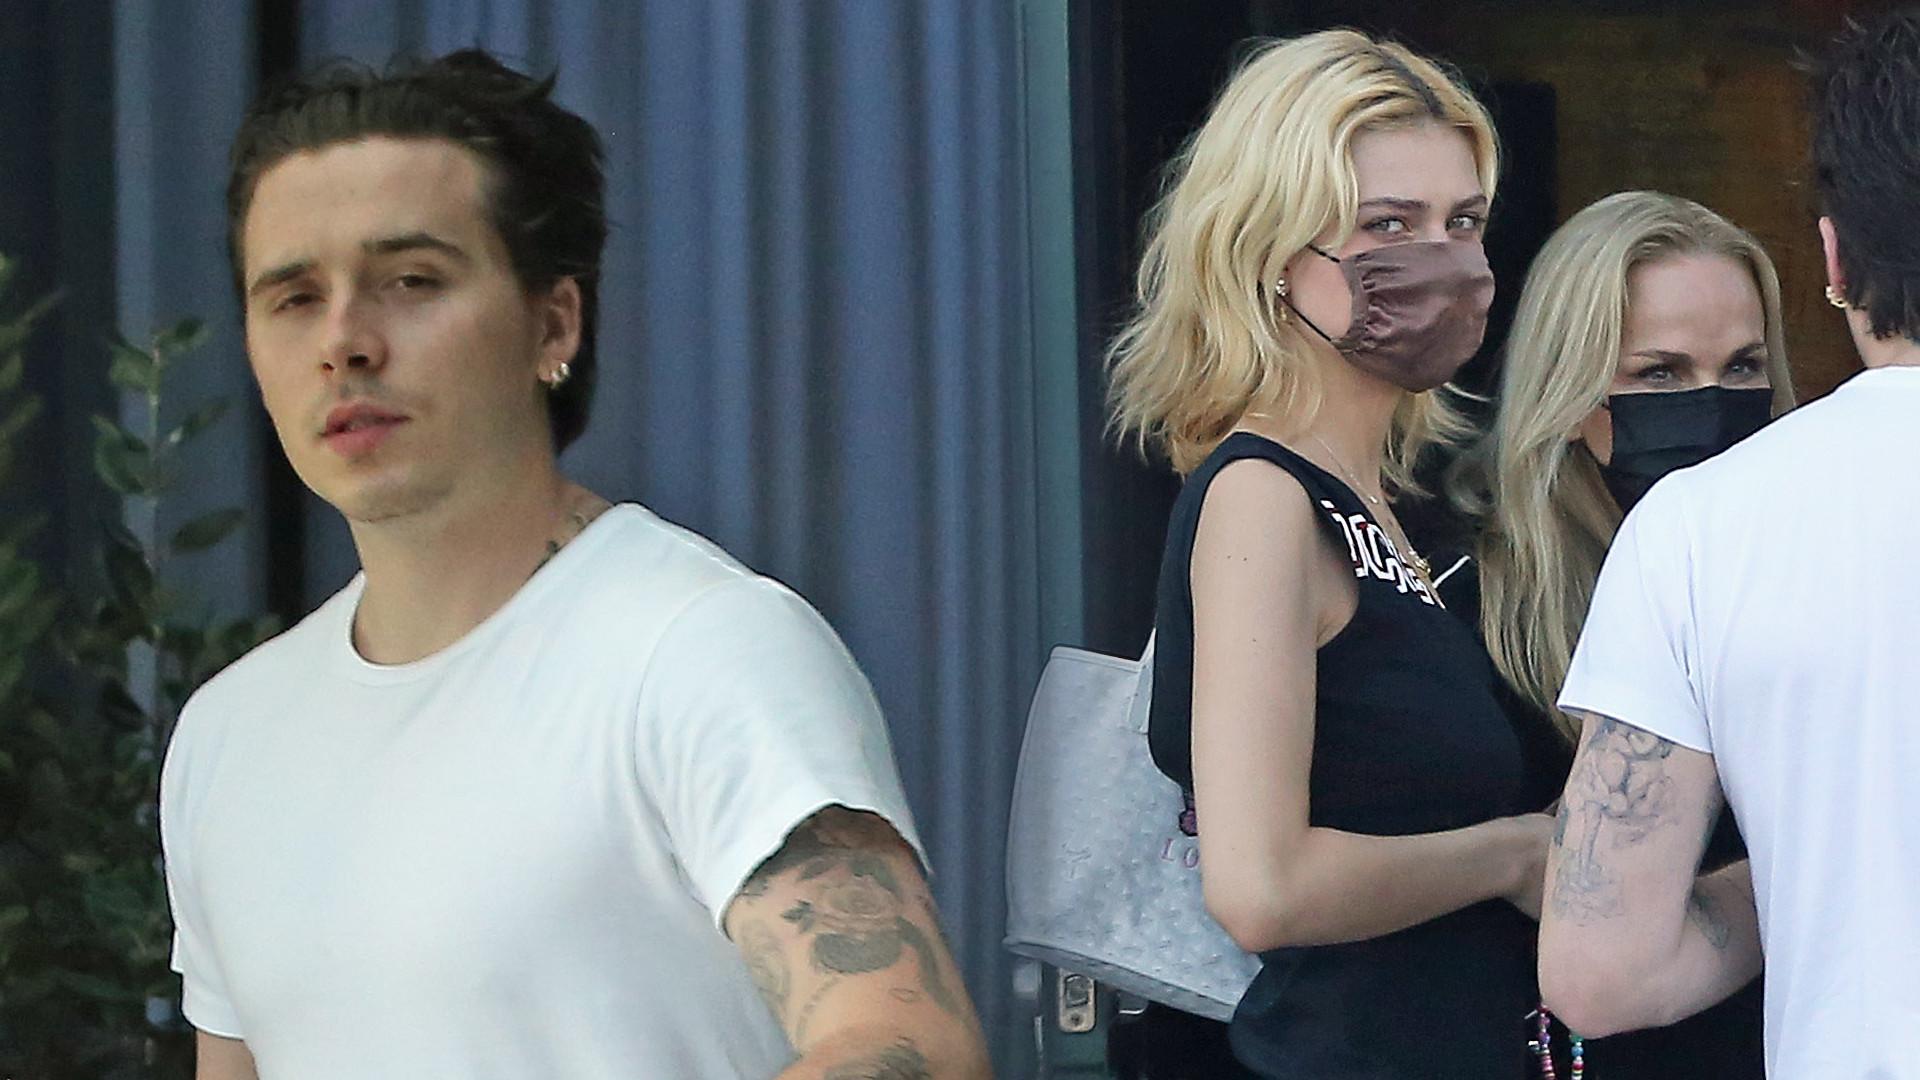 Brooklyn Beckham zabrał dziewczynę Nicolę Peltz i jej mamę do restauracji. Nie zachował się jak gentleman (ZDJĘCIA)